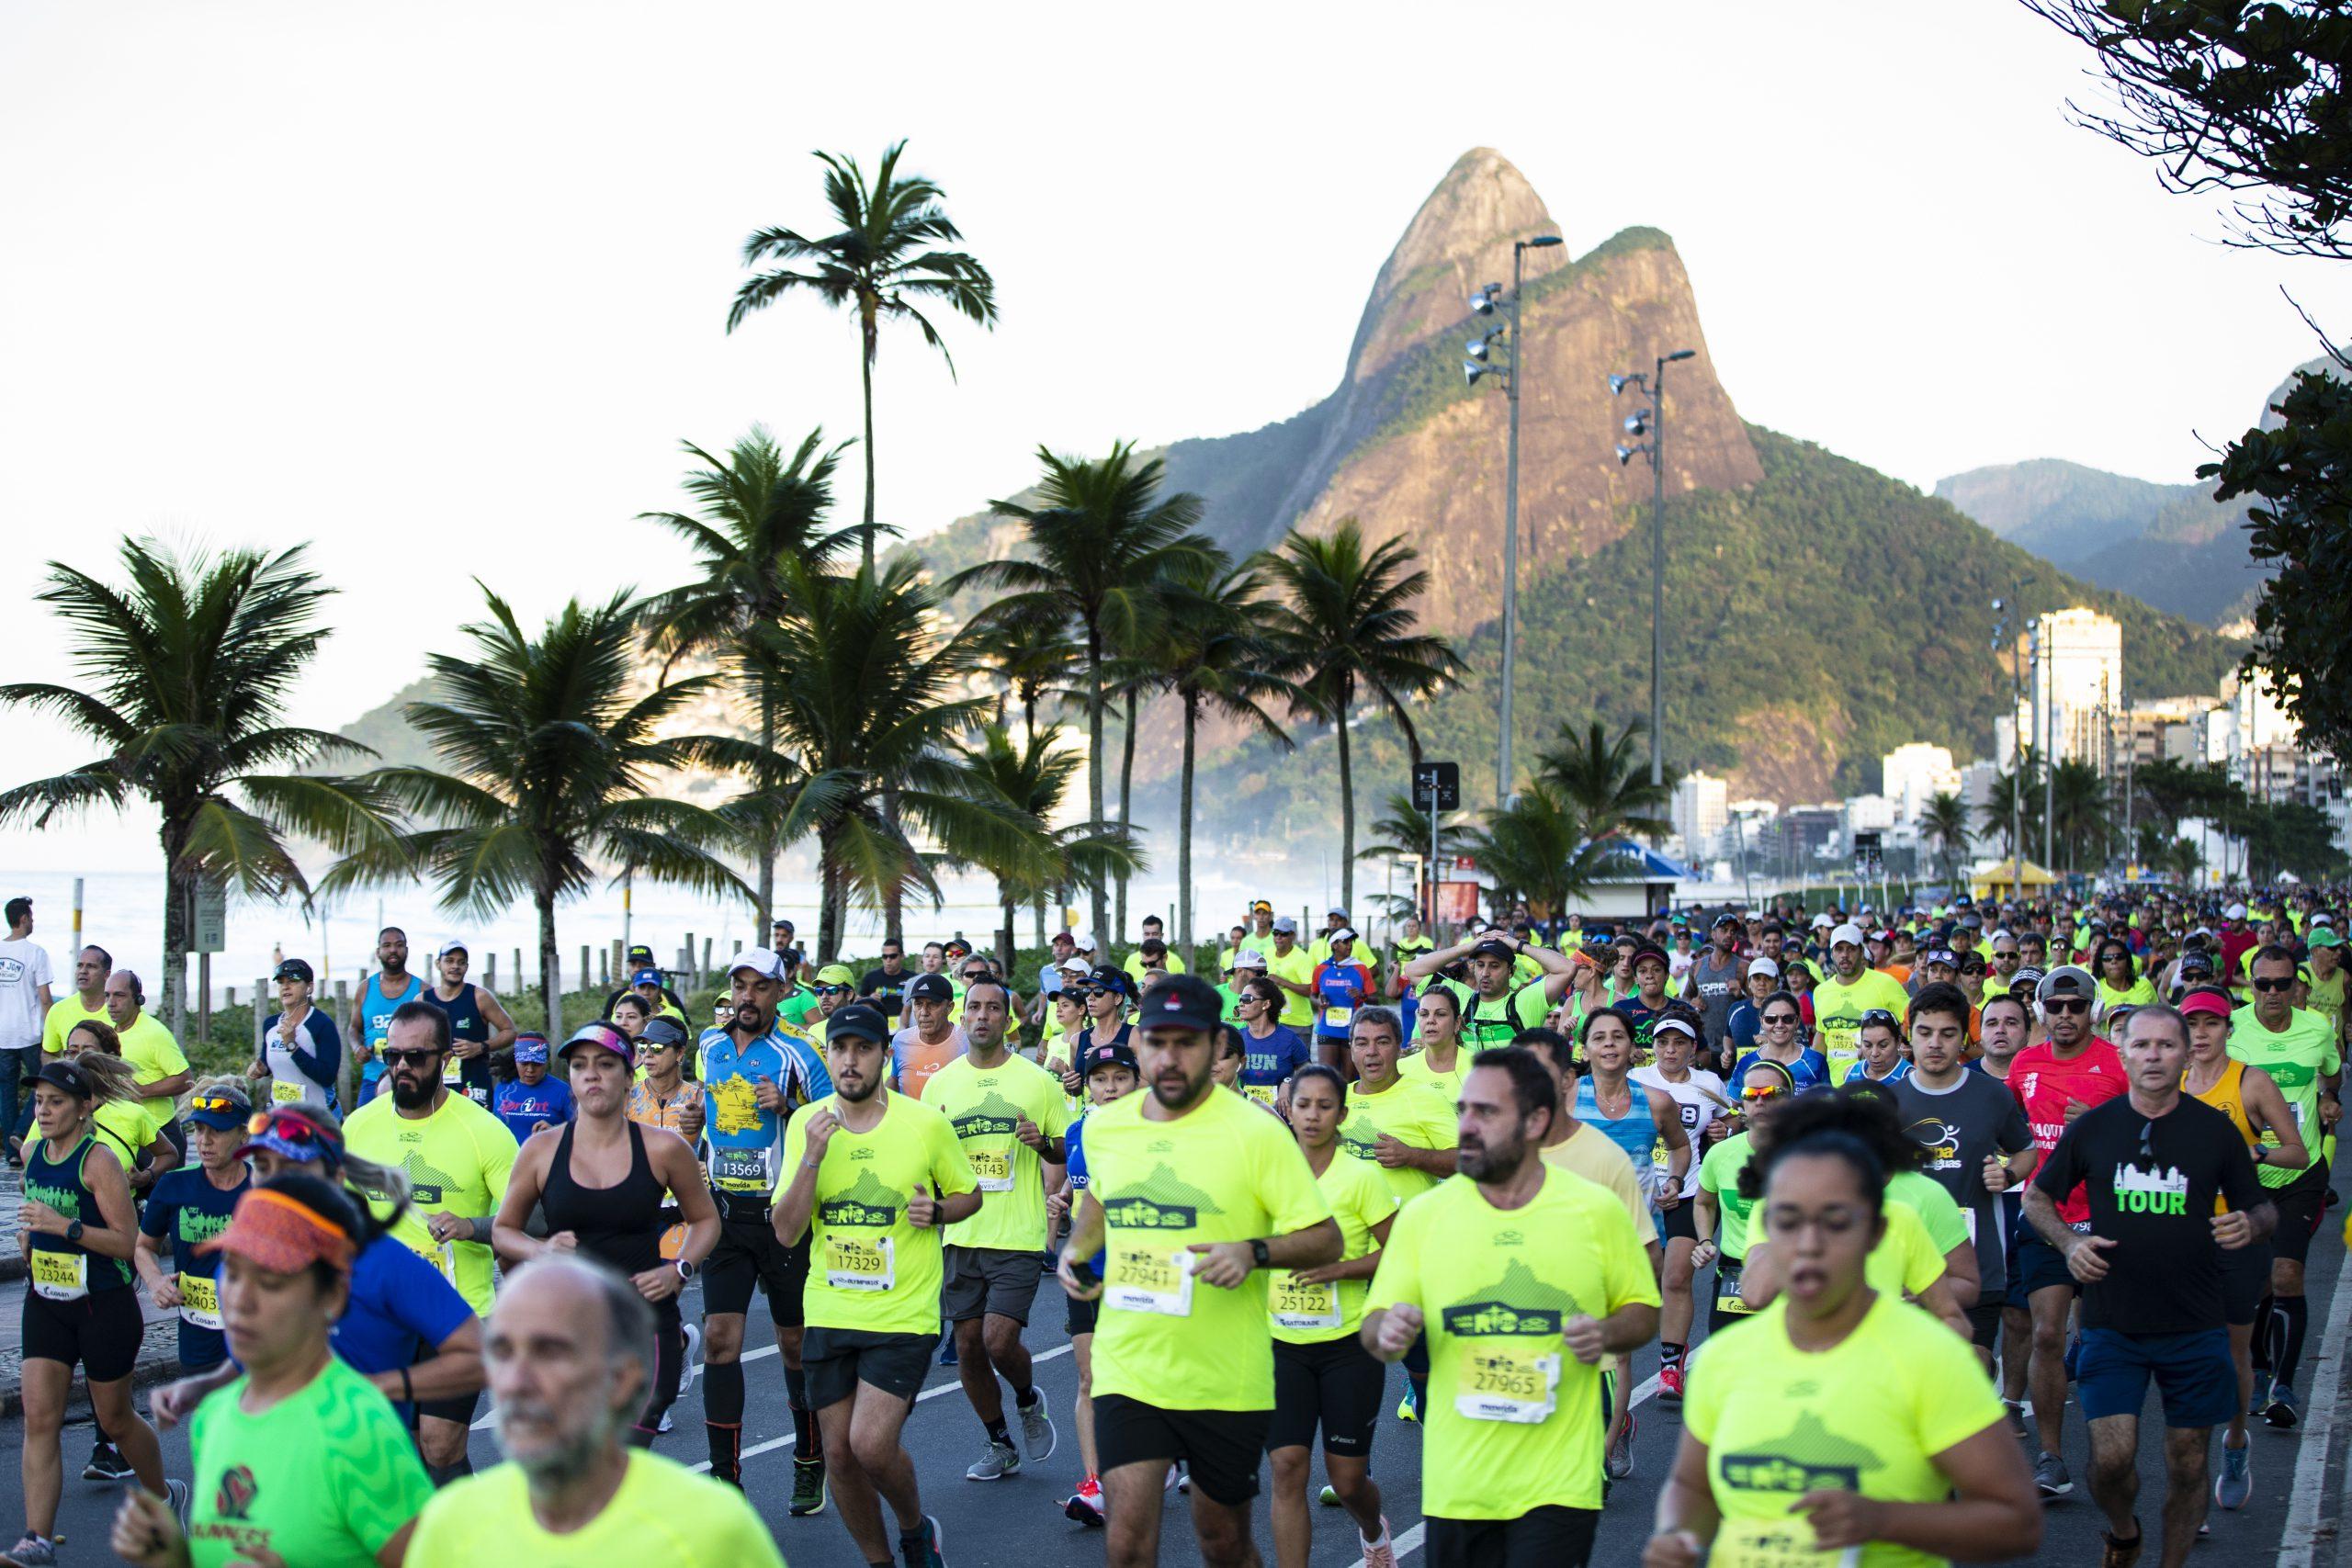 Maratona do Rio 2020 abre 1º lote de inscrições na segunda-feira (23) - Foto: Divulgação